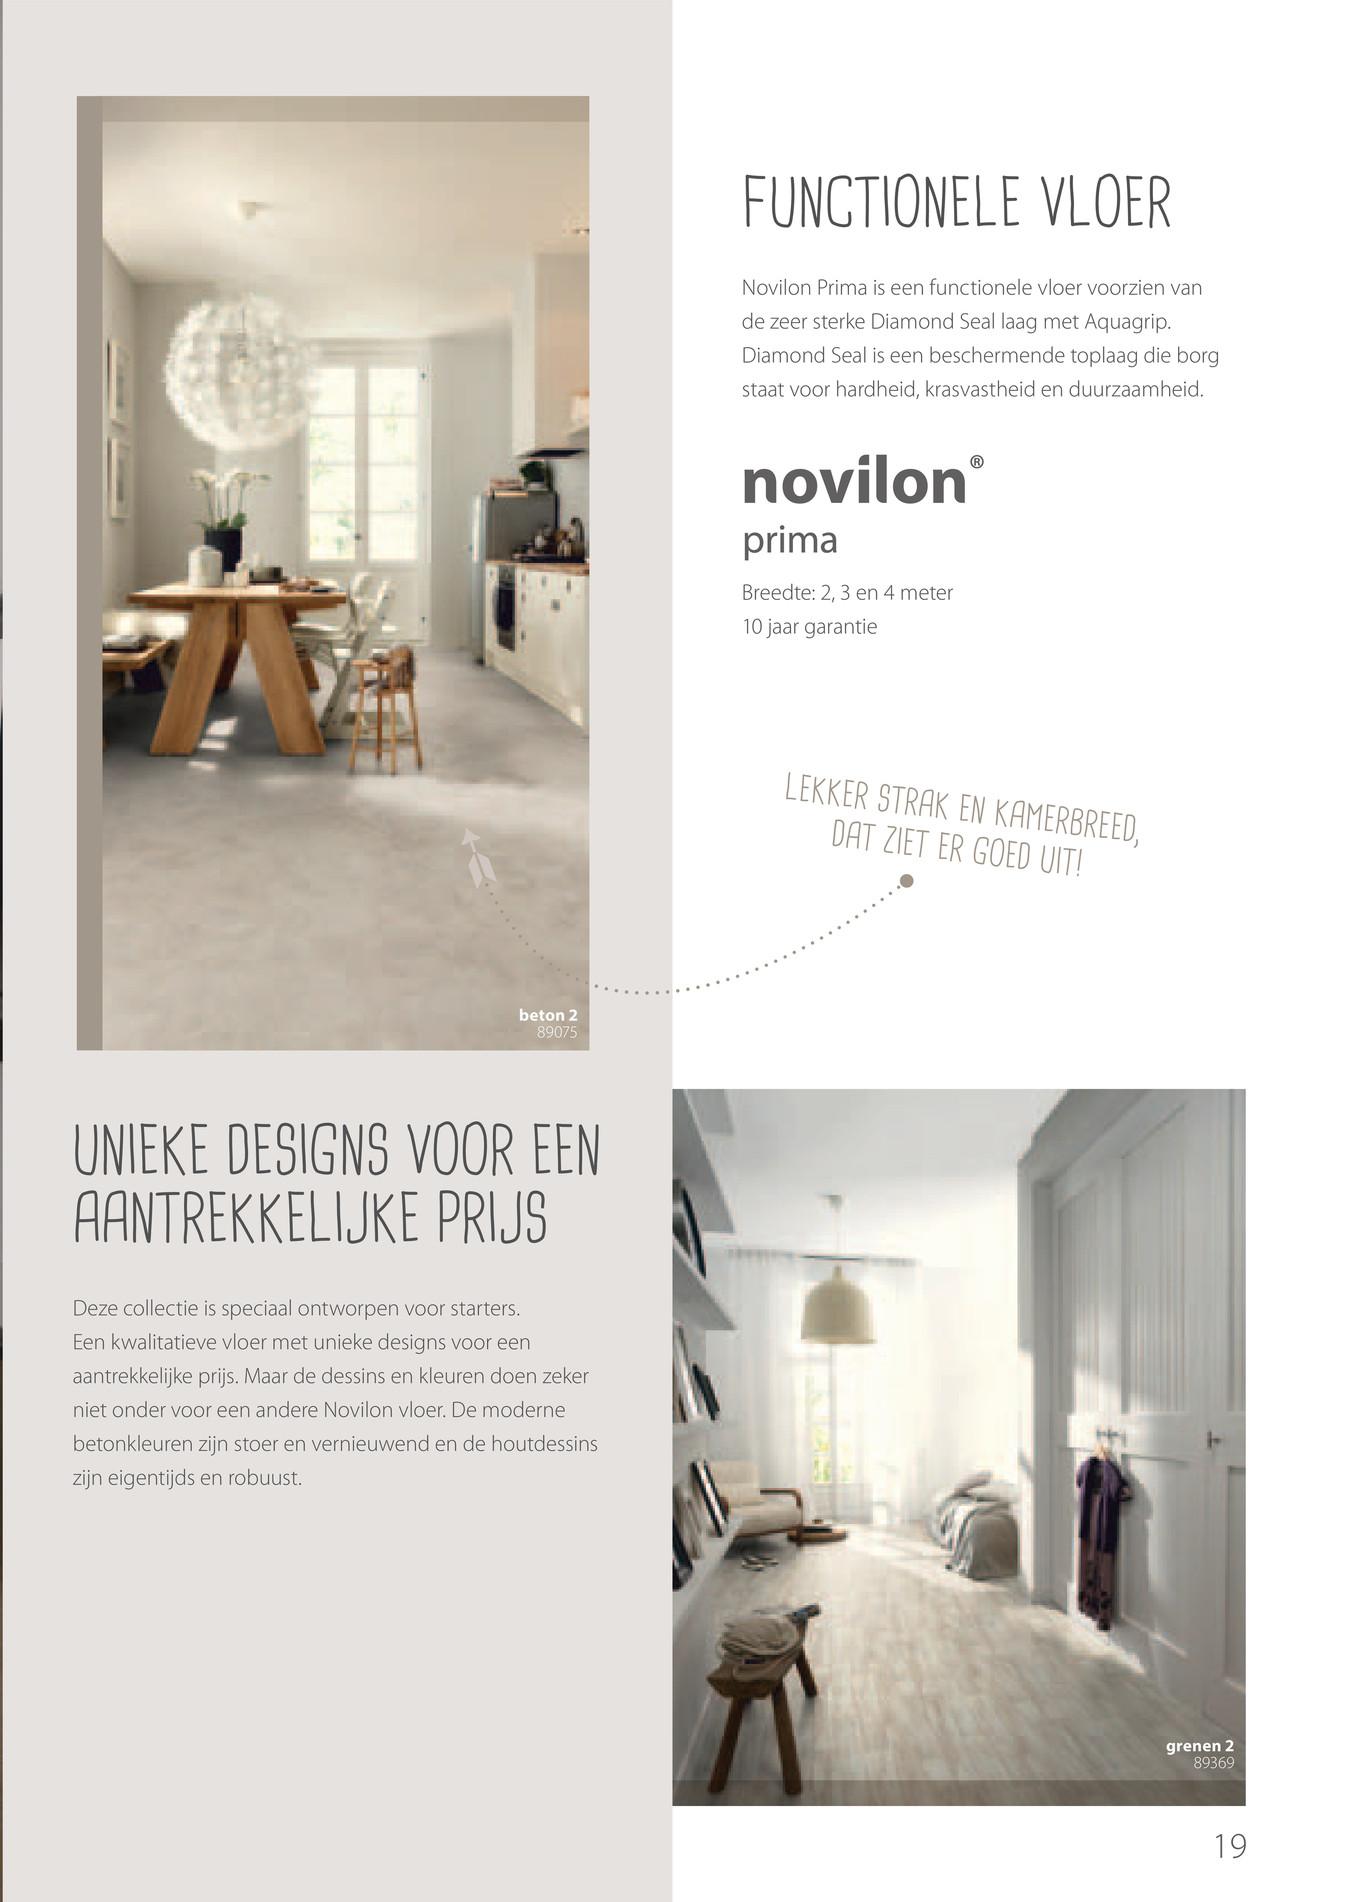 forbo flooring nl novilon banen brochure 2014 pagina 18 19